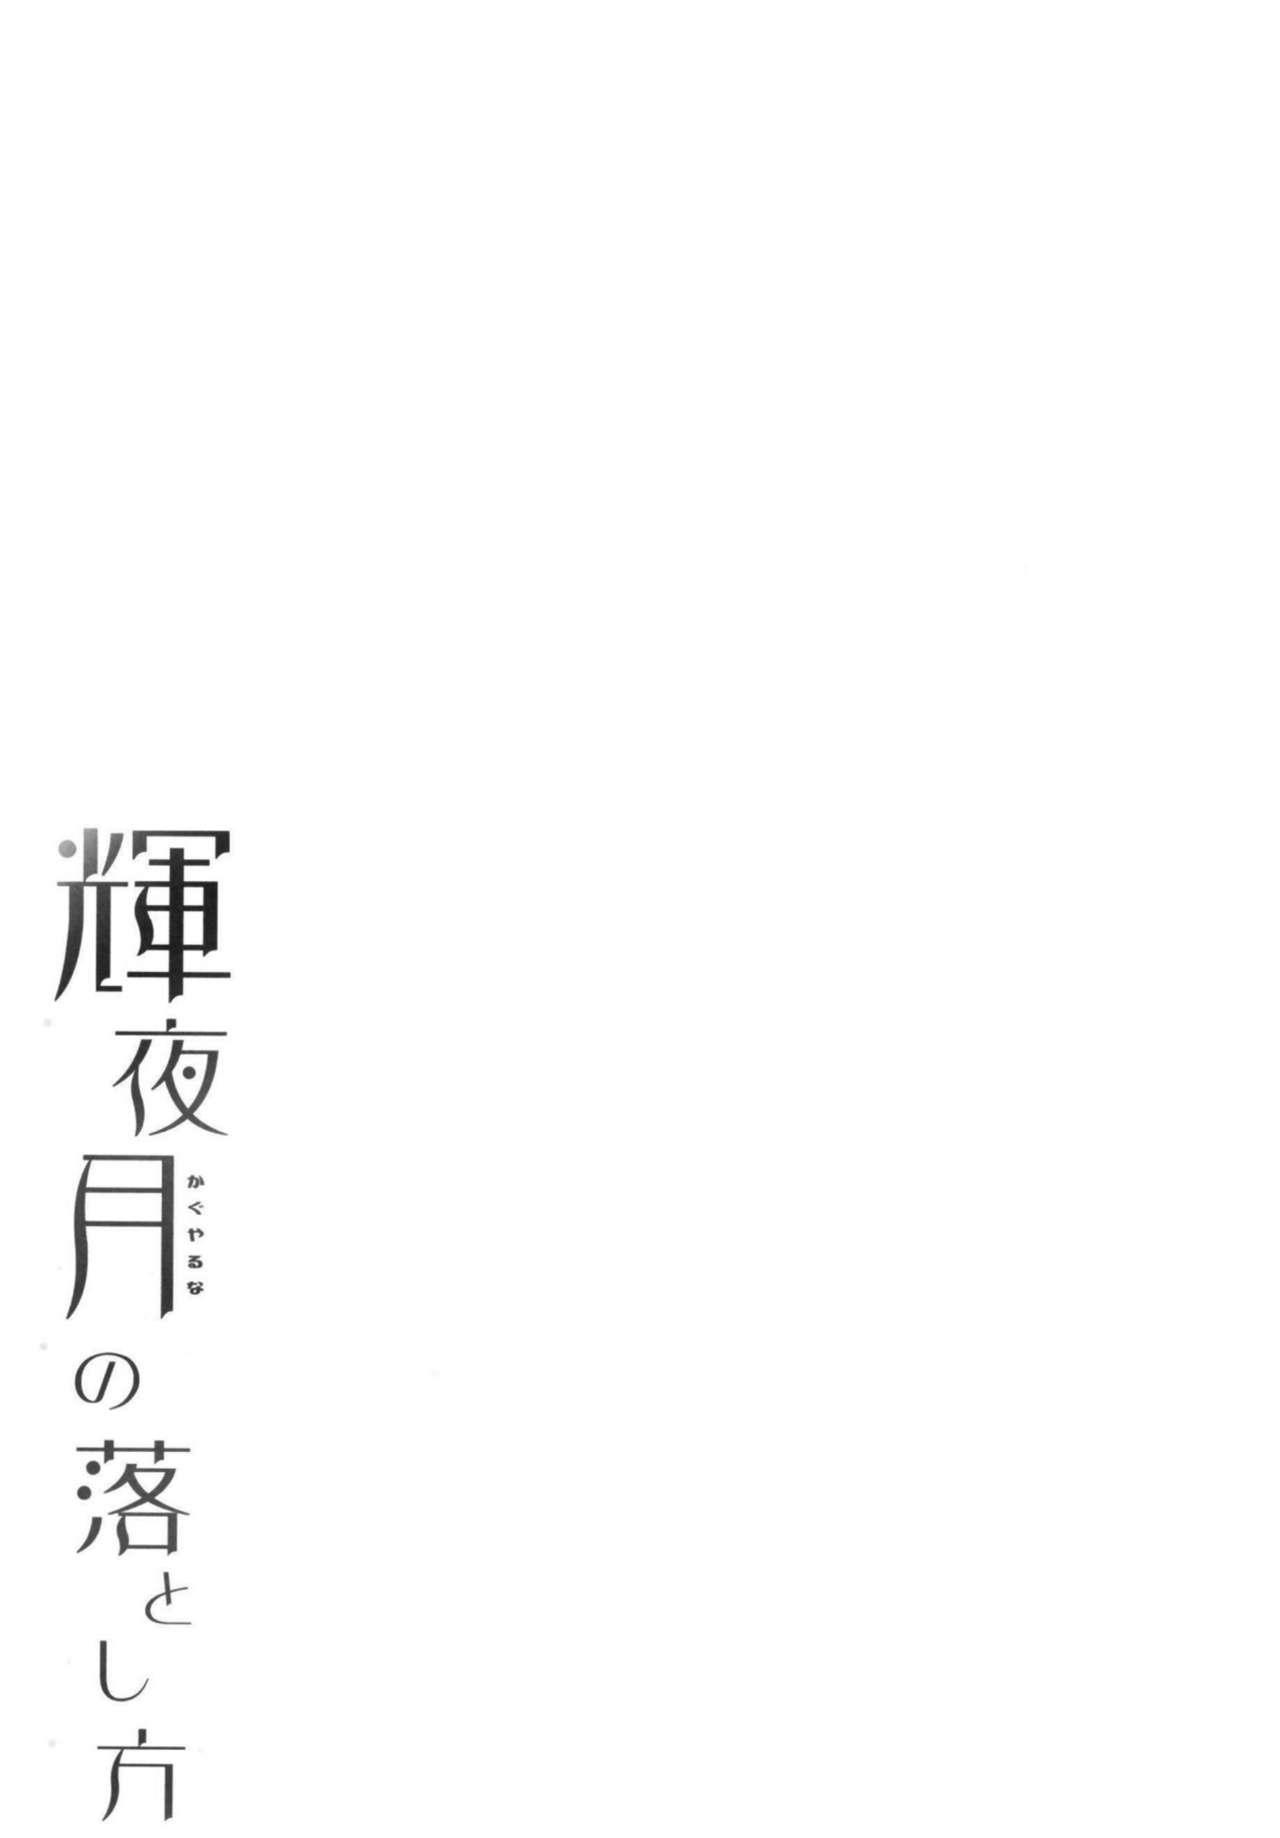 Kaguya Luna no Otoshikata 29